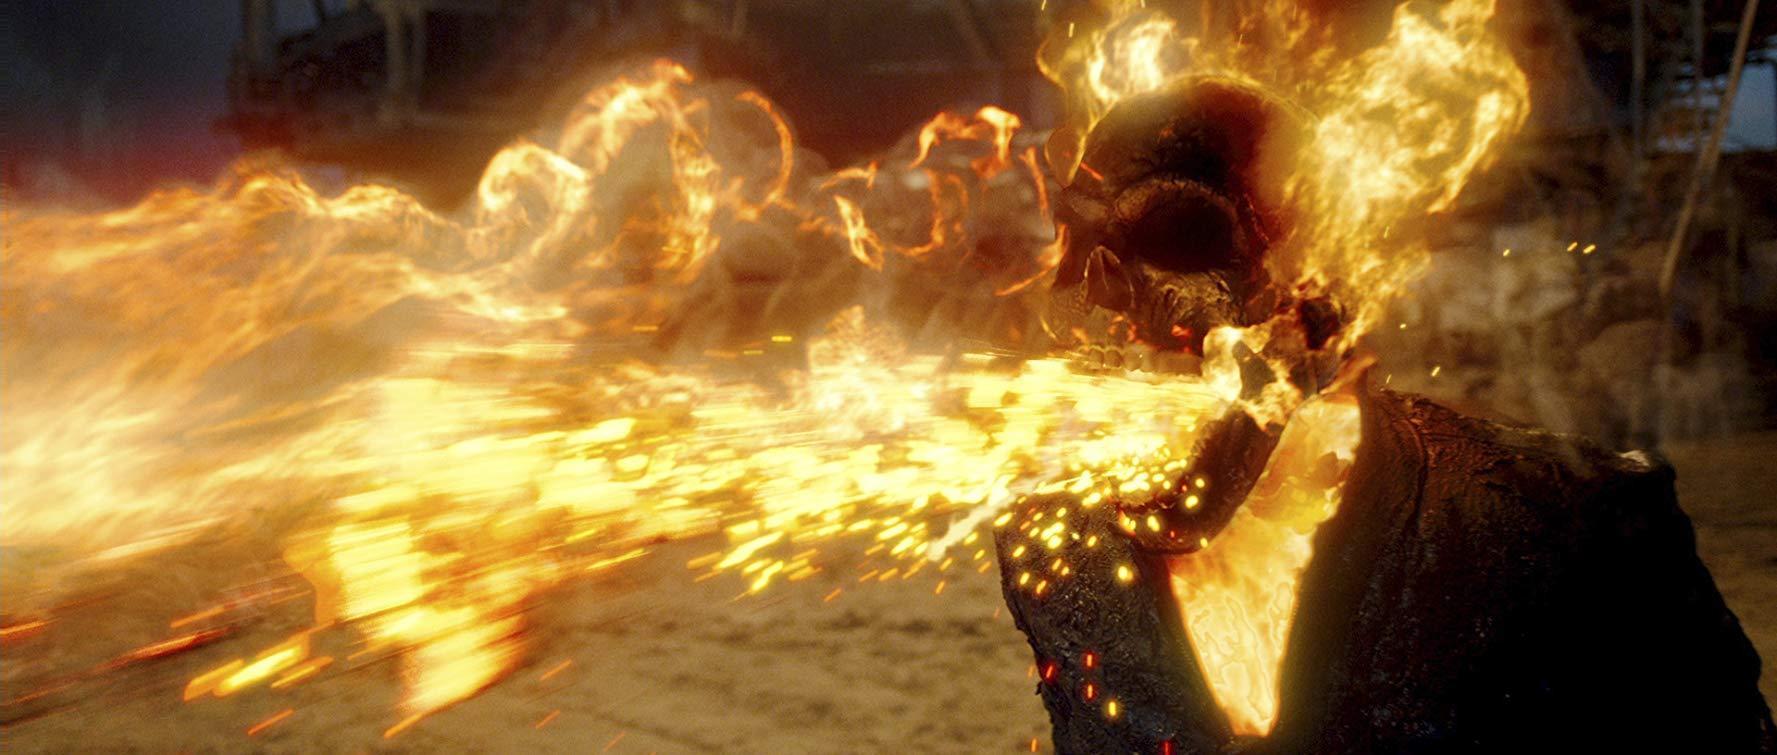 مشاهدة فيلم Ghost Rider Spirit Of Vengeance 2011 HD مترجم كامل اون لاين